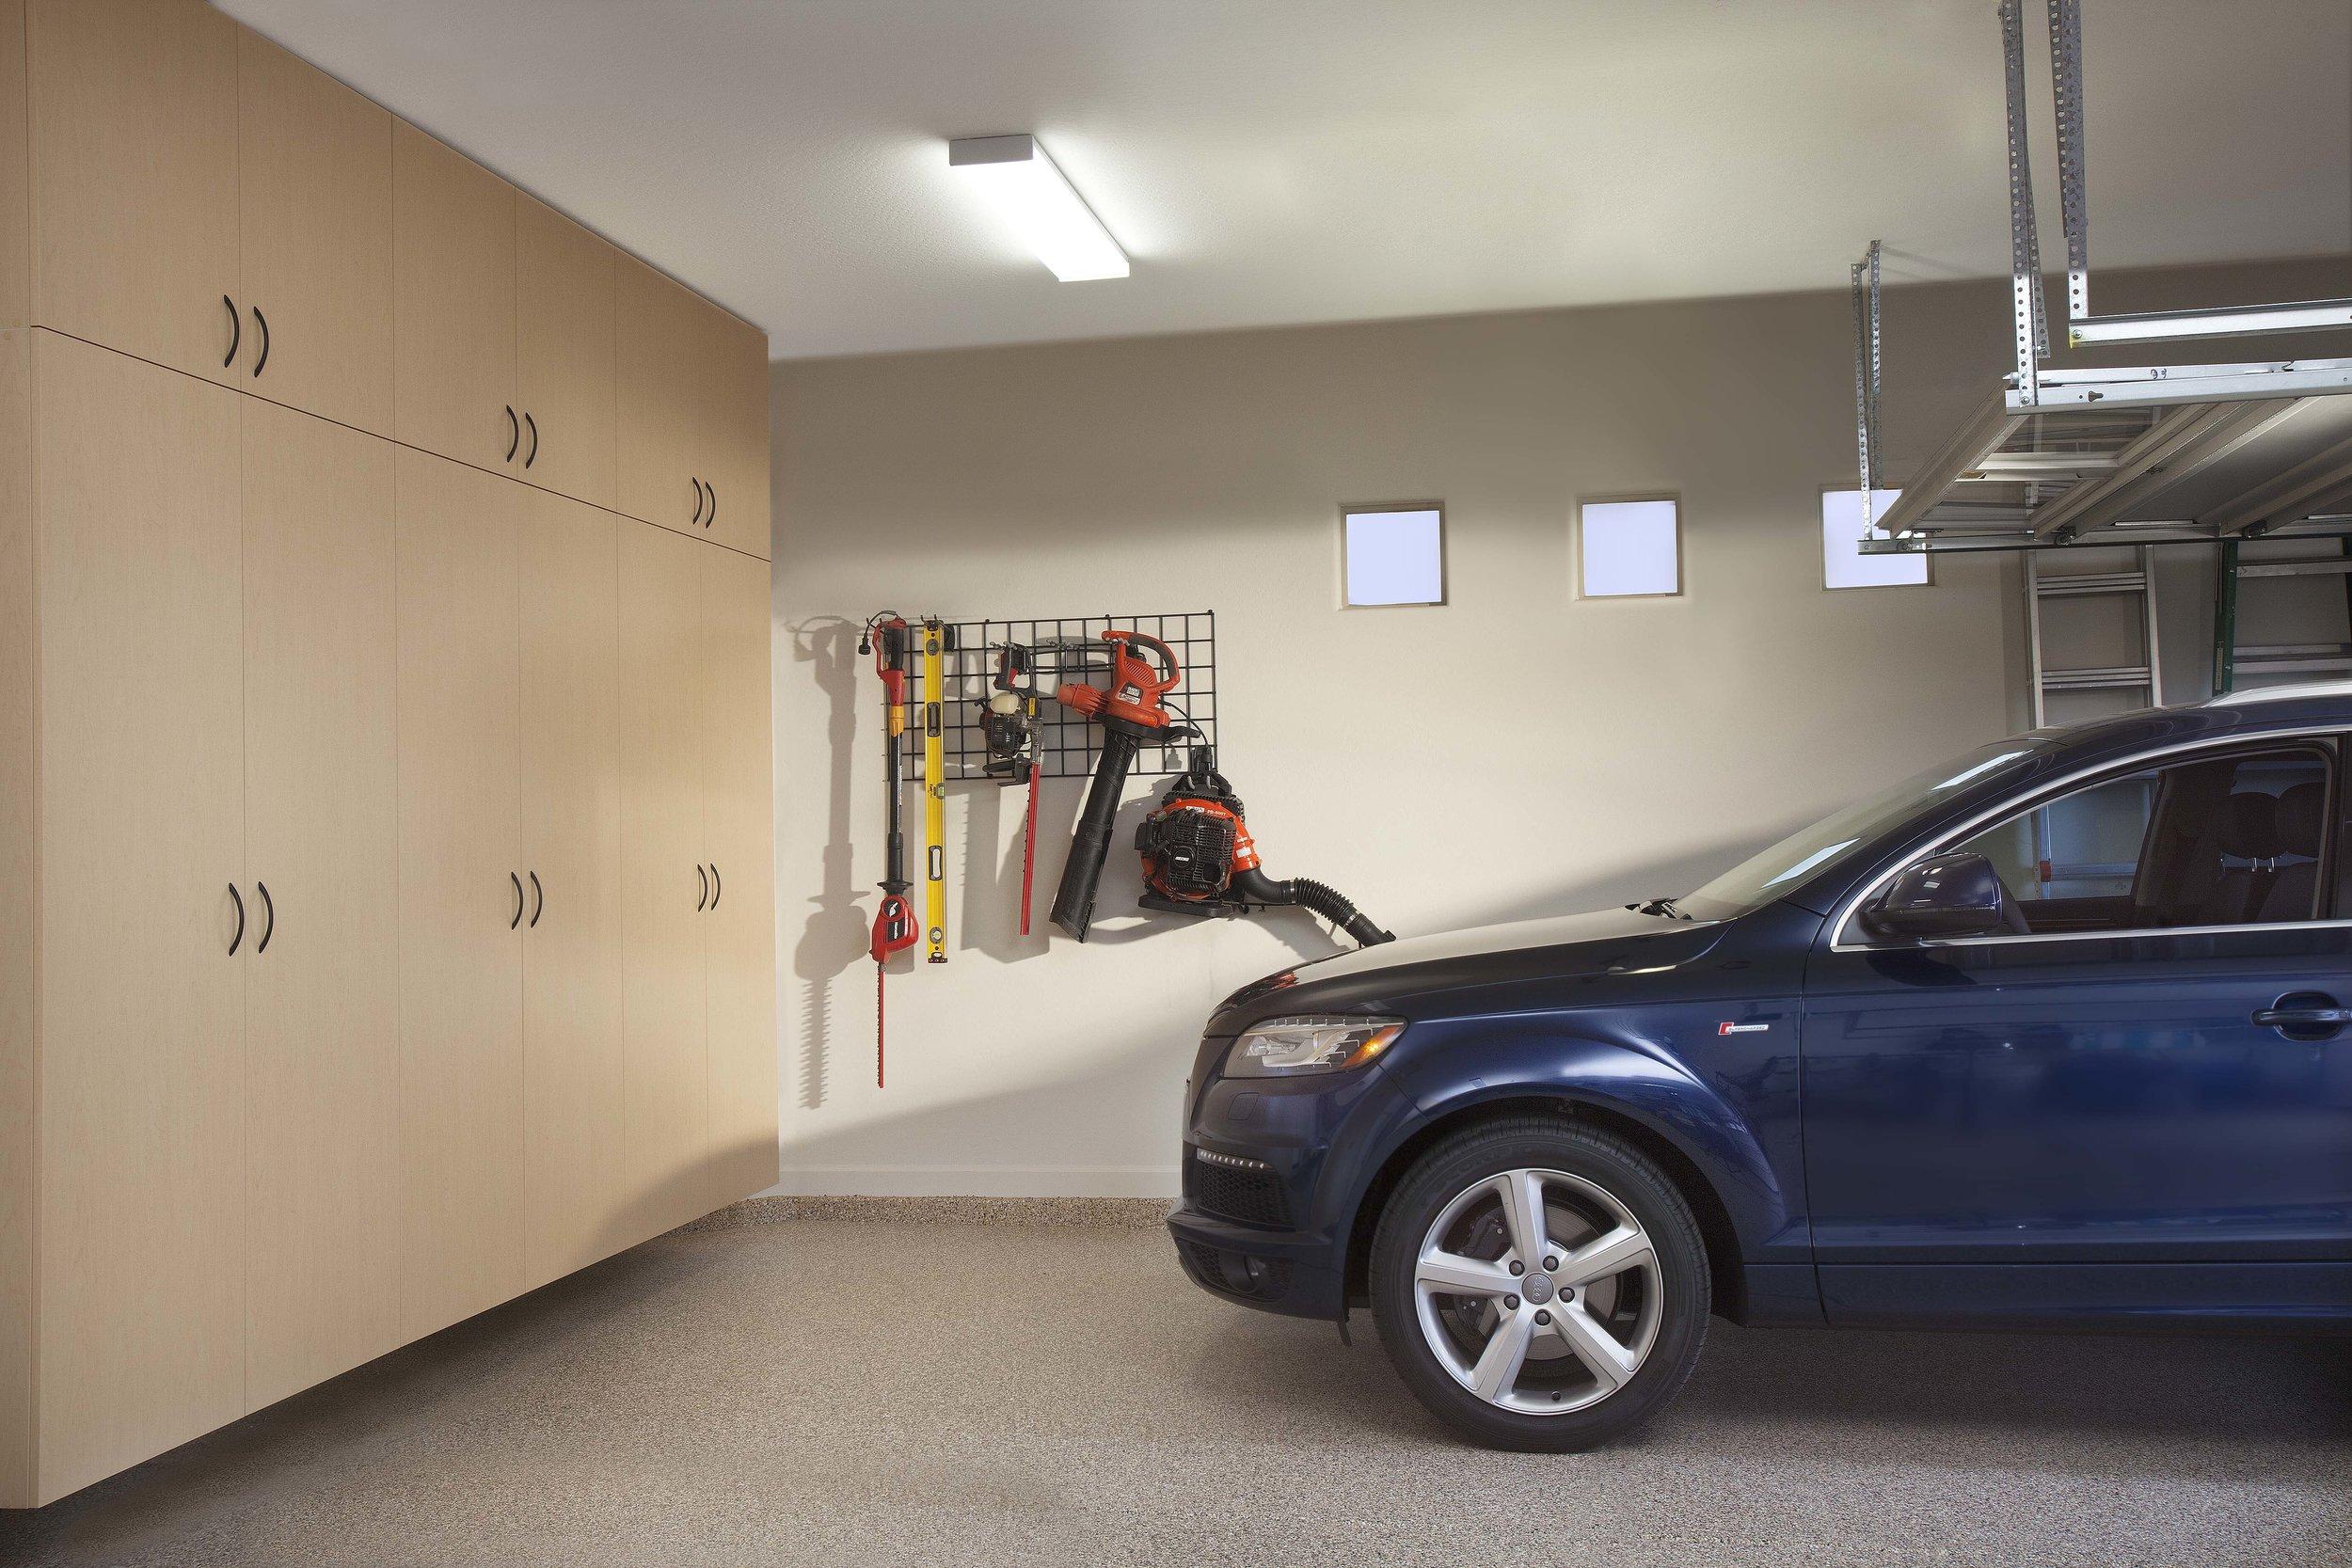 Maple Extra Tall Cabinets-Blue SUV-Large Tool Grid-Sedona Floor-July 2012.jpg